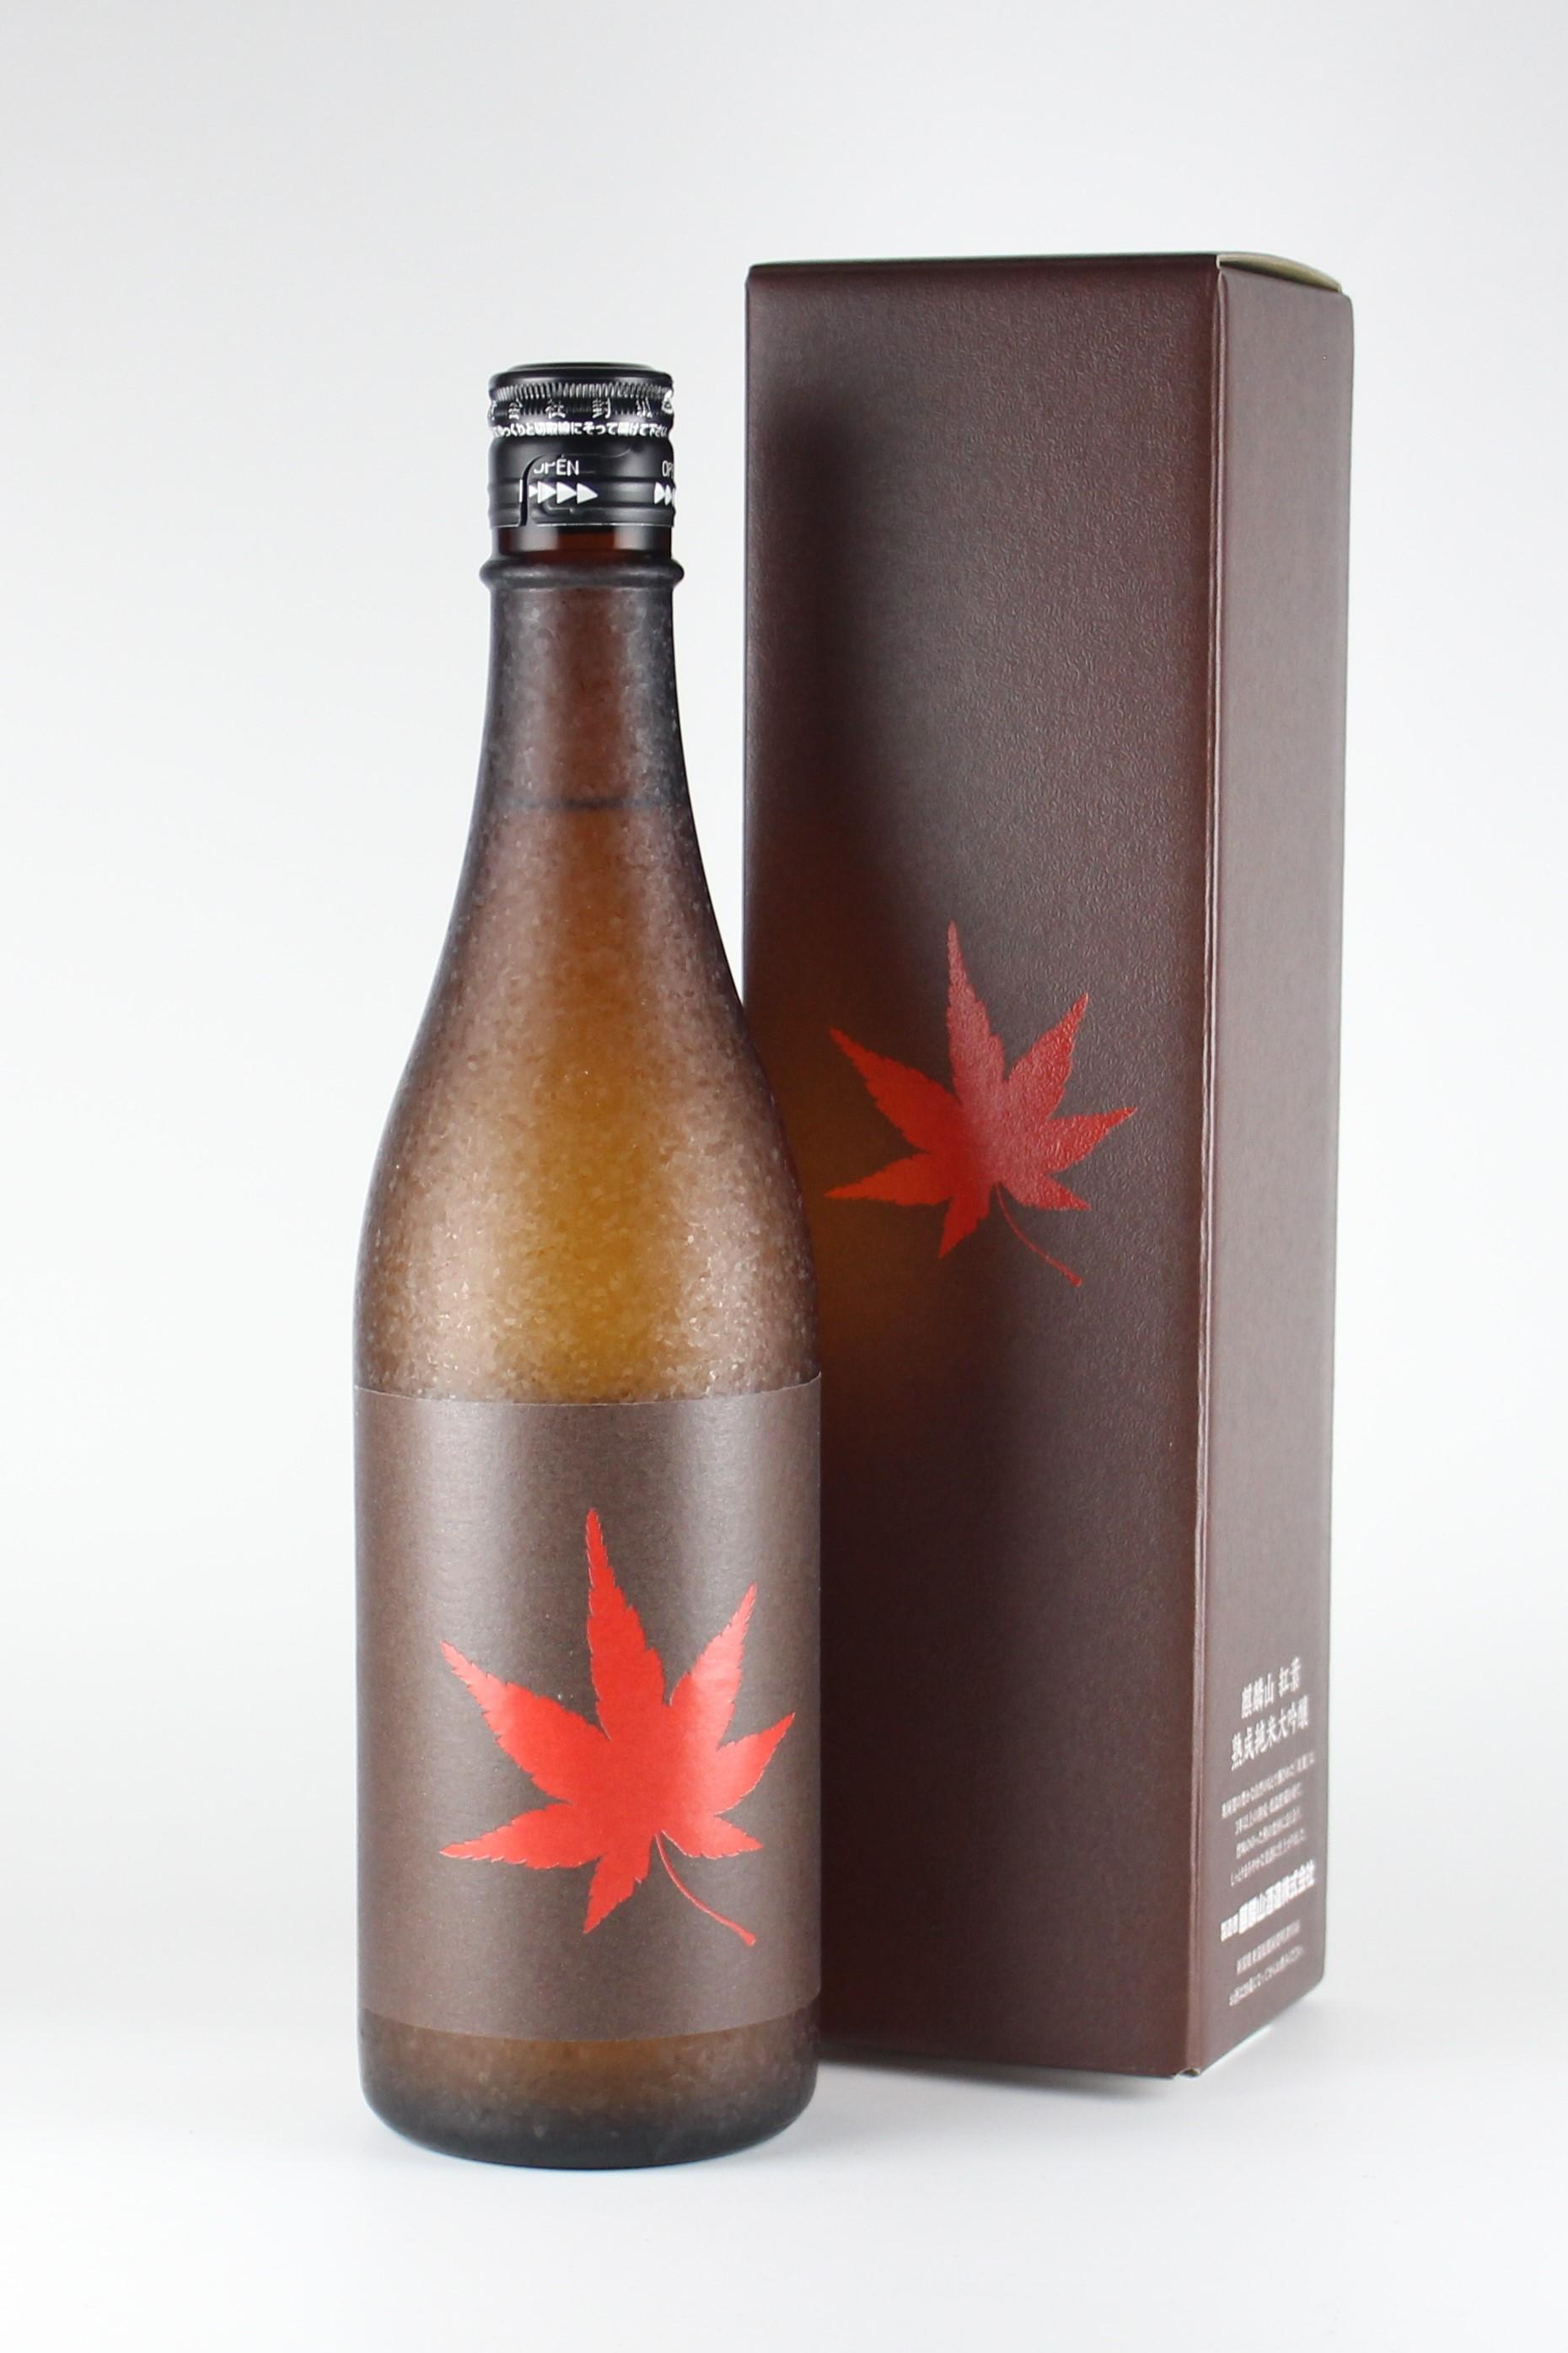 麒麟山 紅葉 長期熟成純米大吟醸 越淡麗 720ml 【新潟/麒麟山酒造】